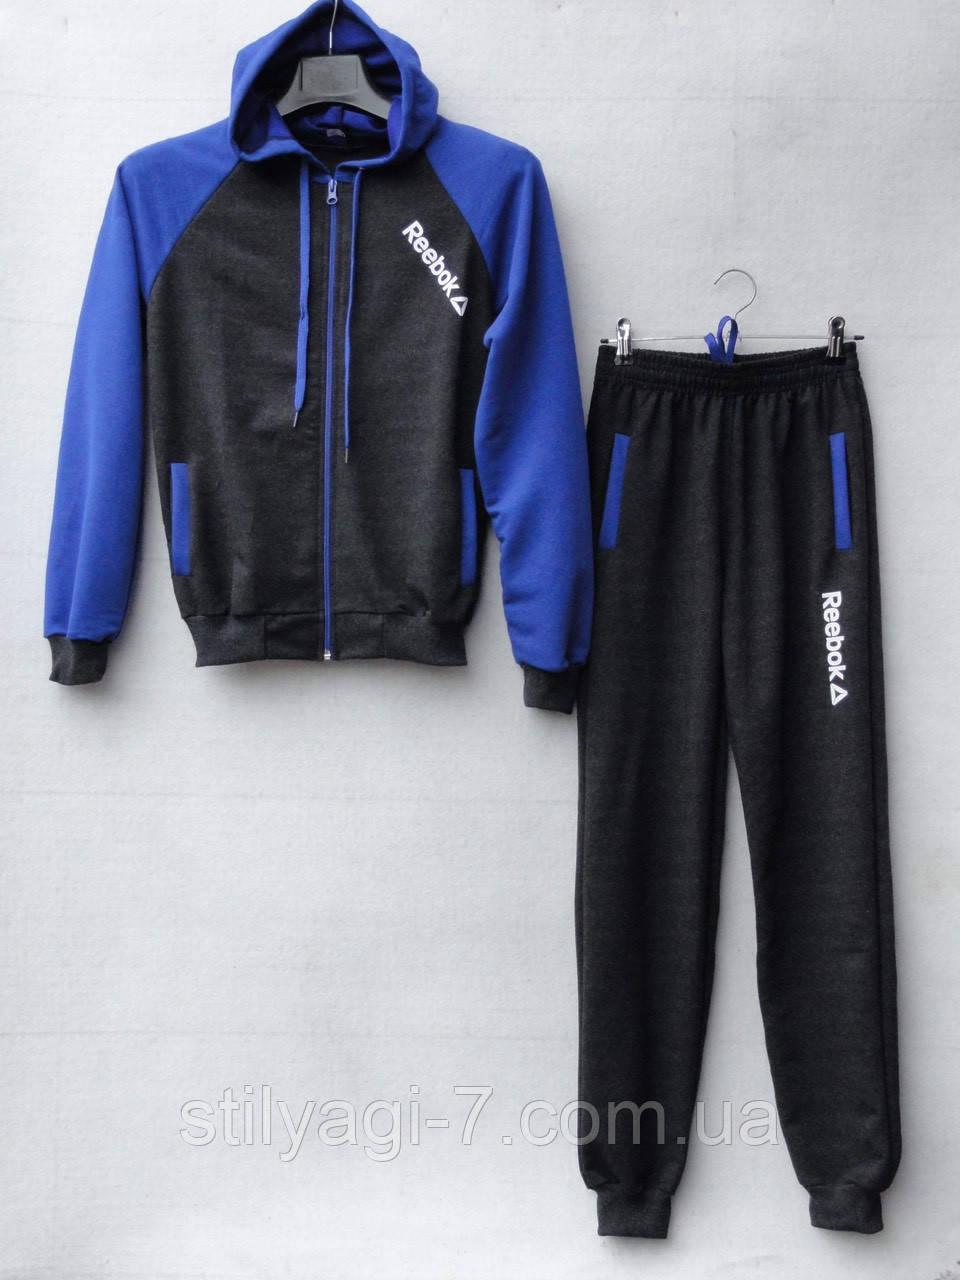 Спортивный костюм для мальчика на 8-12 лет серого с синим цвета c капюшоном Reebok оптом